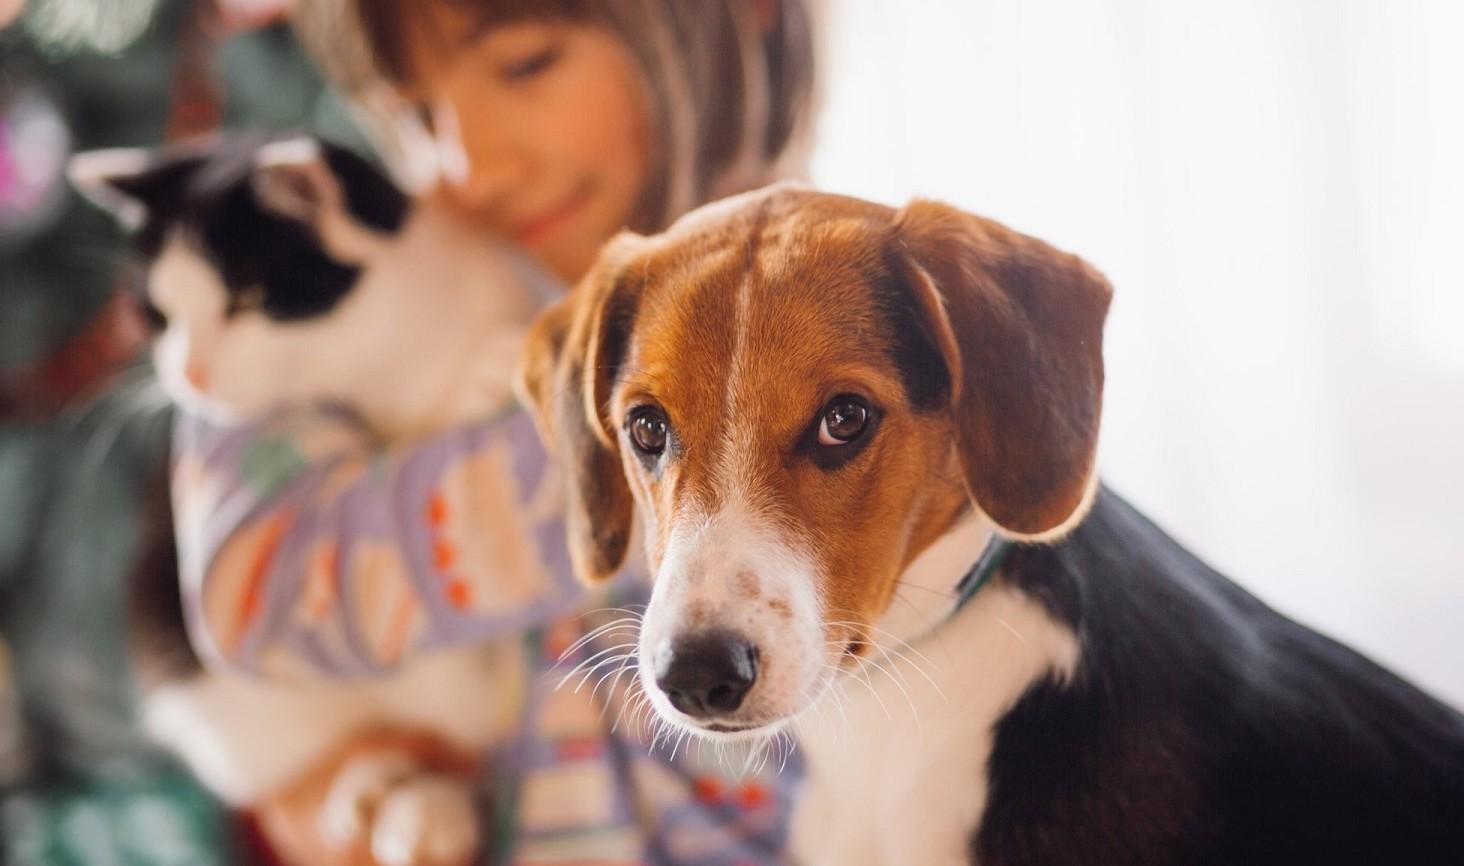 Animali in condominio, regole e leggi attuali in vigore